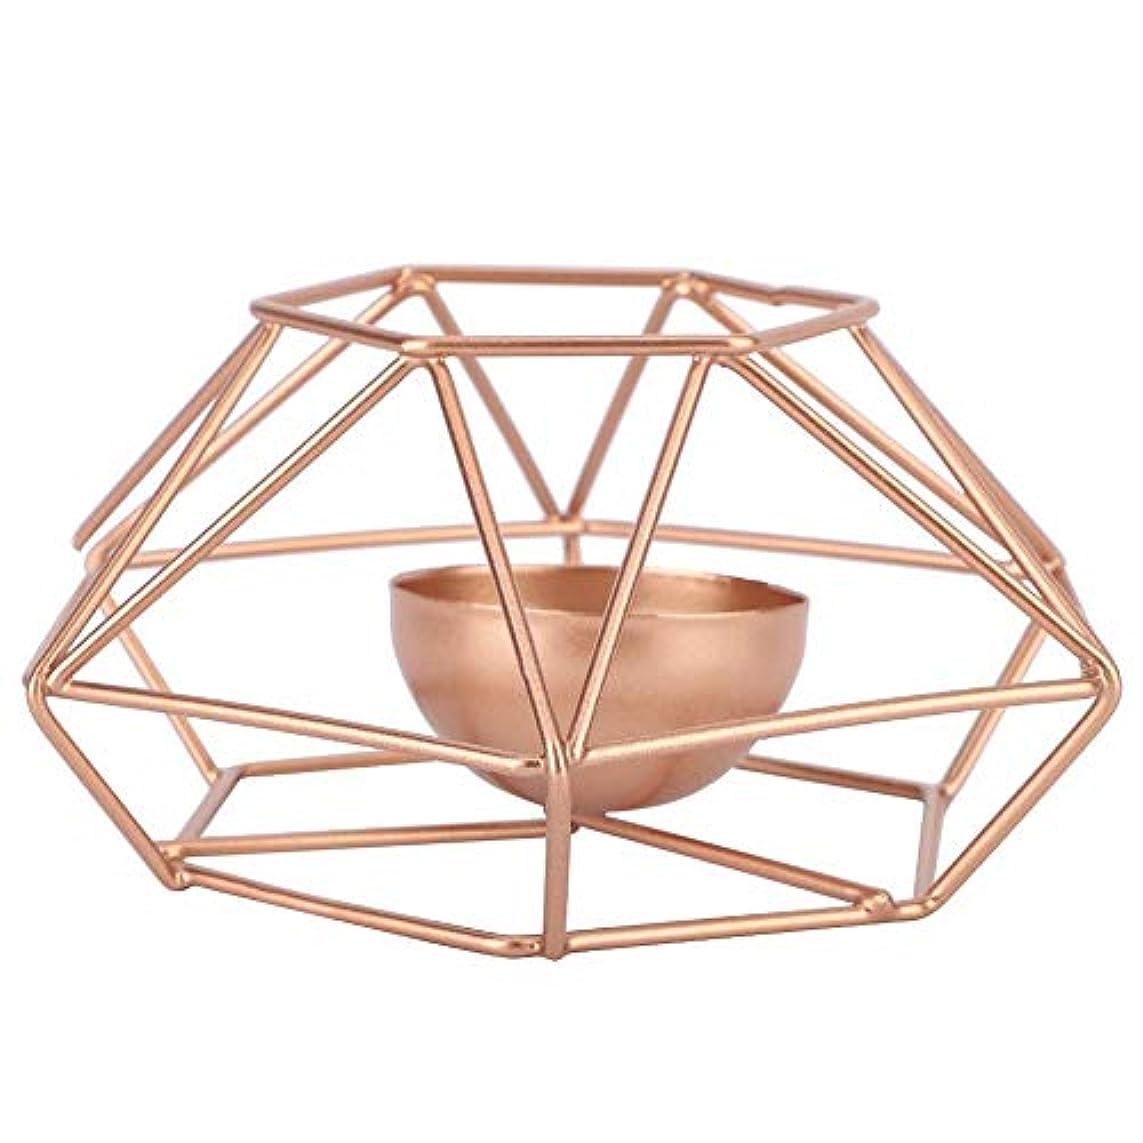 味方包括的価値のない鉄の燭台、現代スタイルの幾何学的な燭台スタンド鉄の蝋燭ホールダー金家の装飾飾り